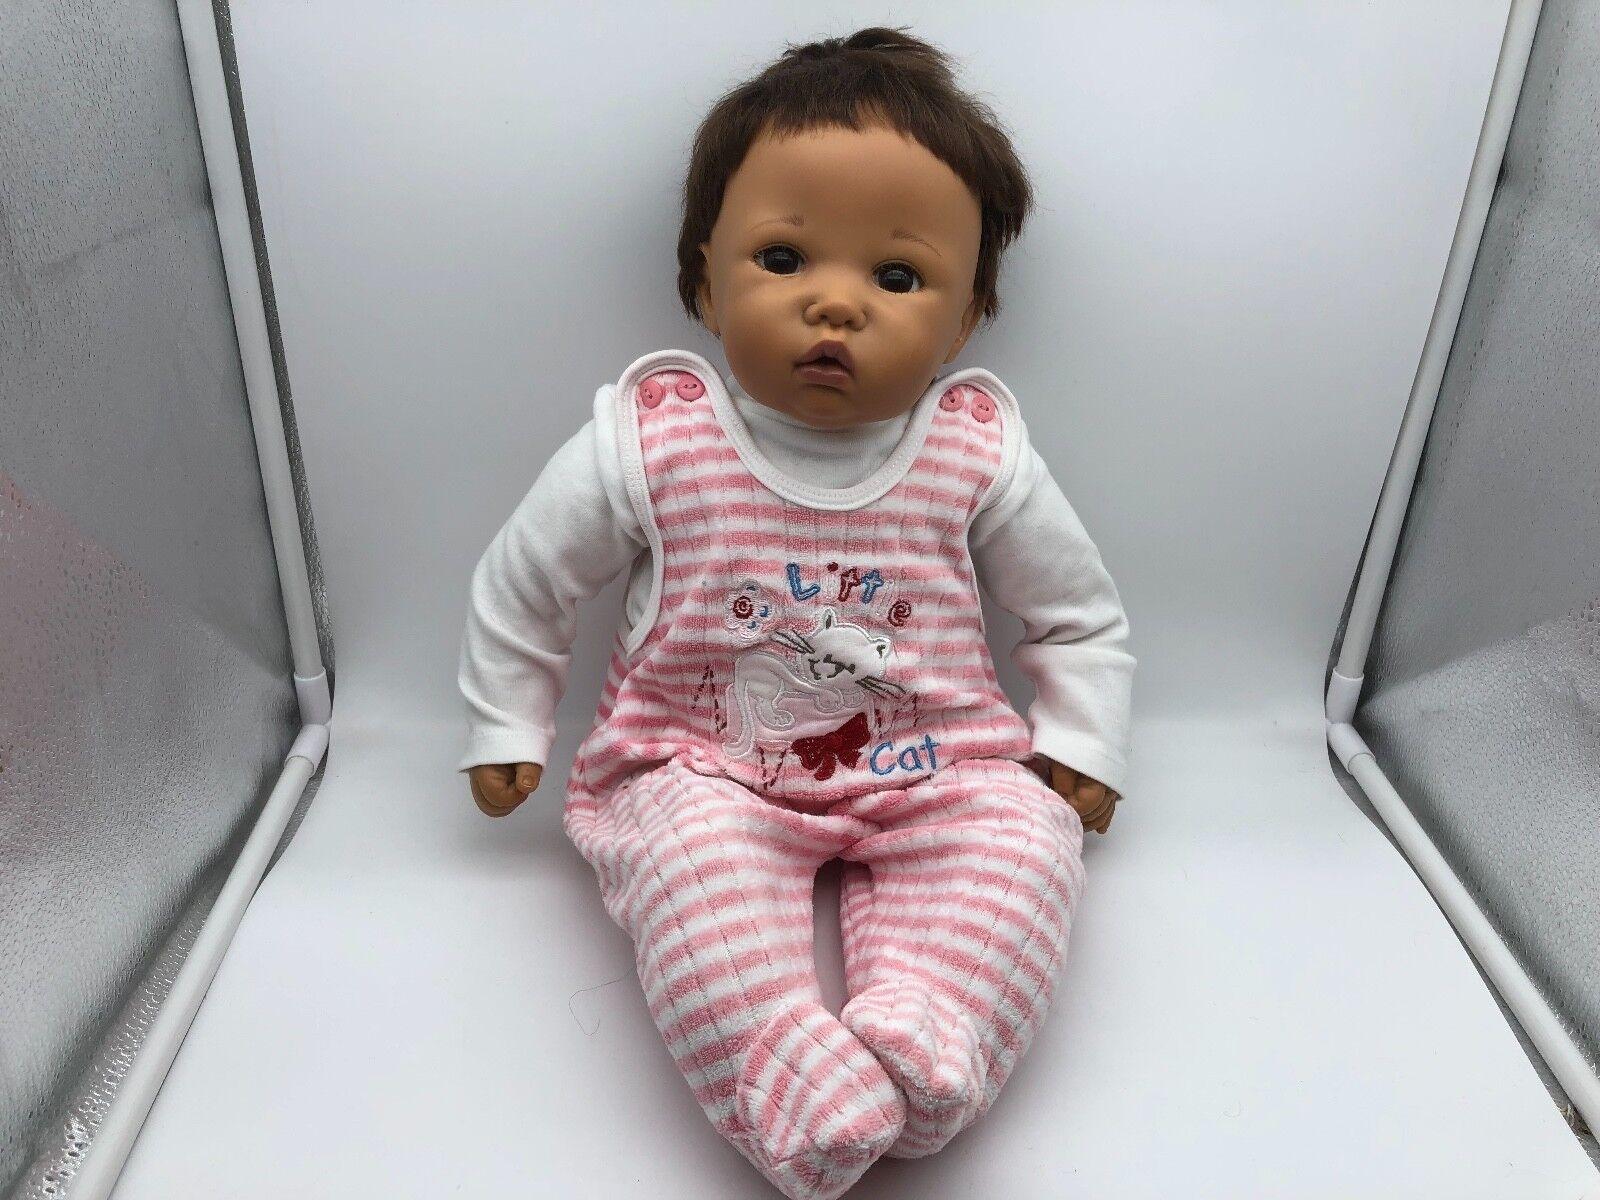 Götz artistas muñeca muñeca de vinilo 55 cm. top estado